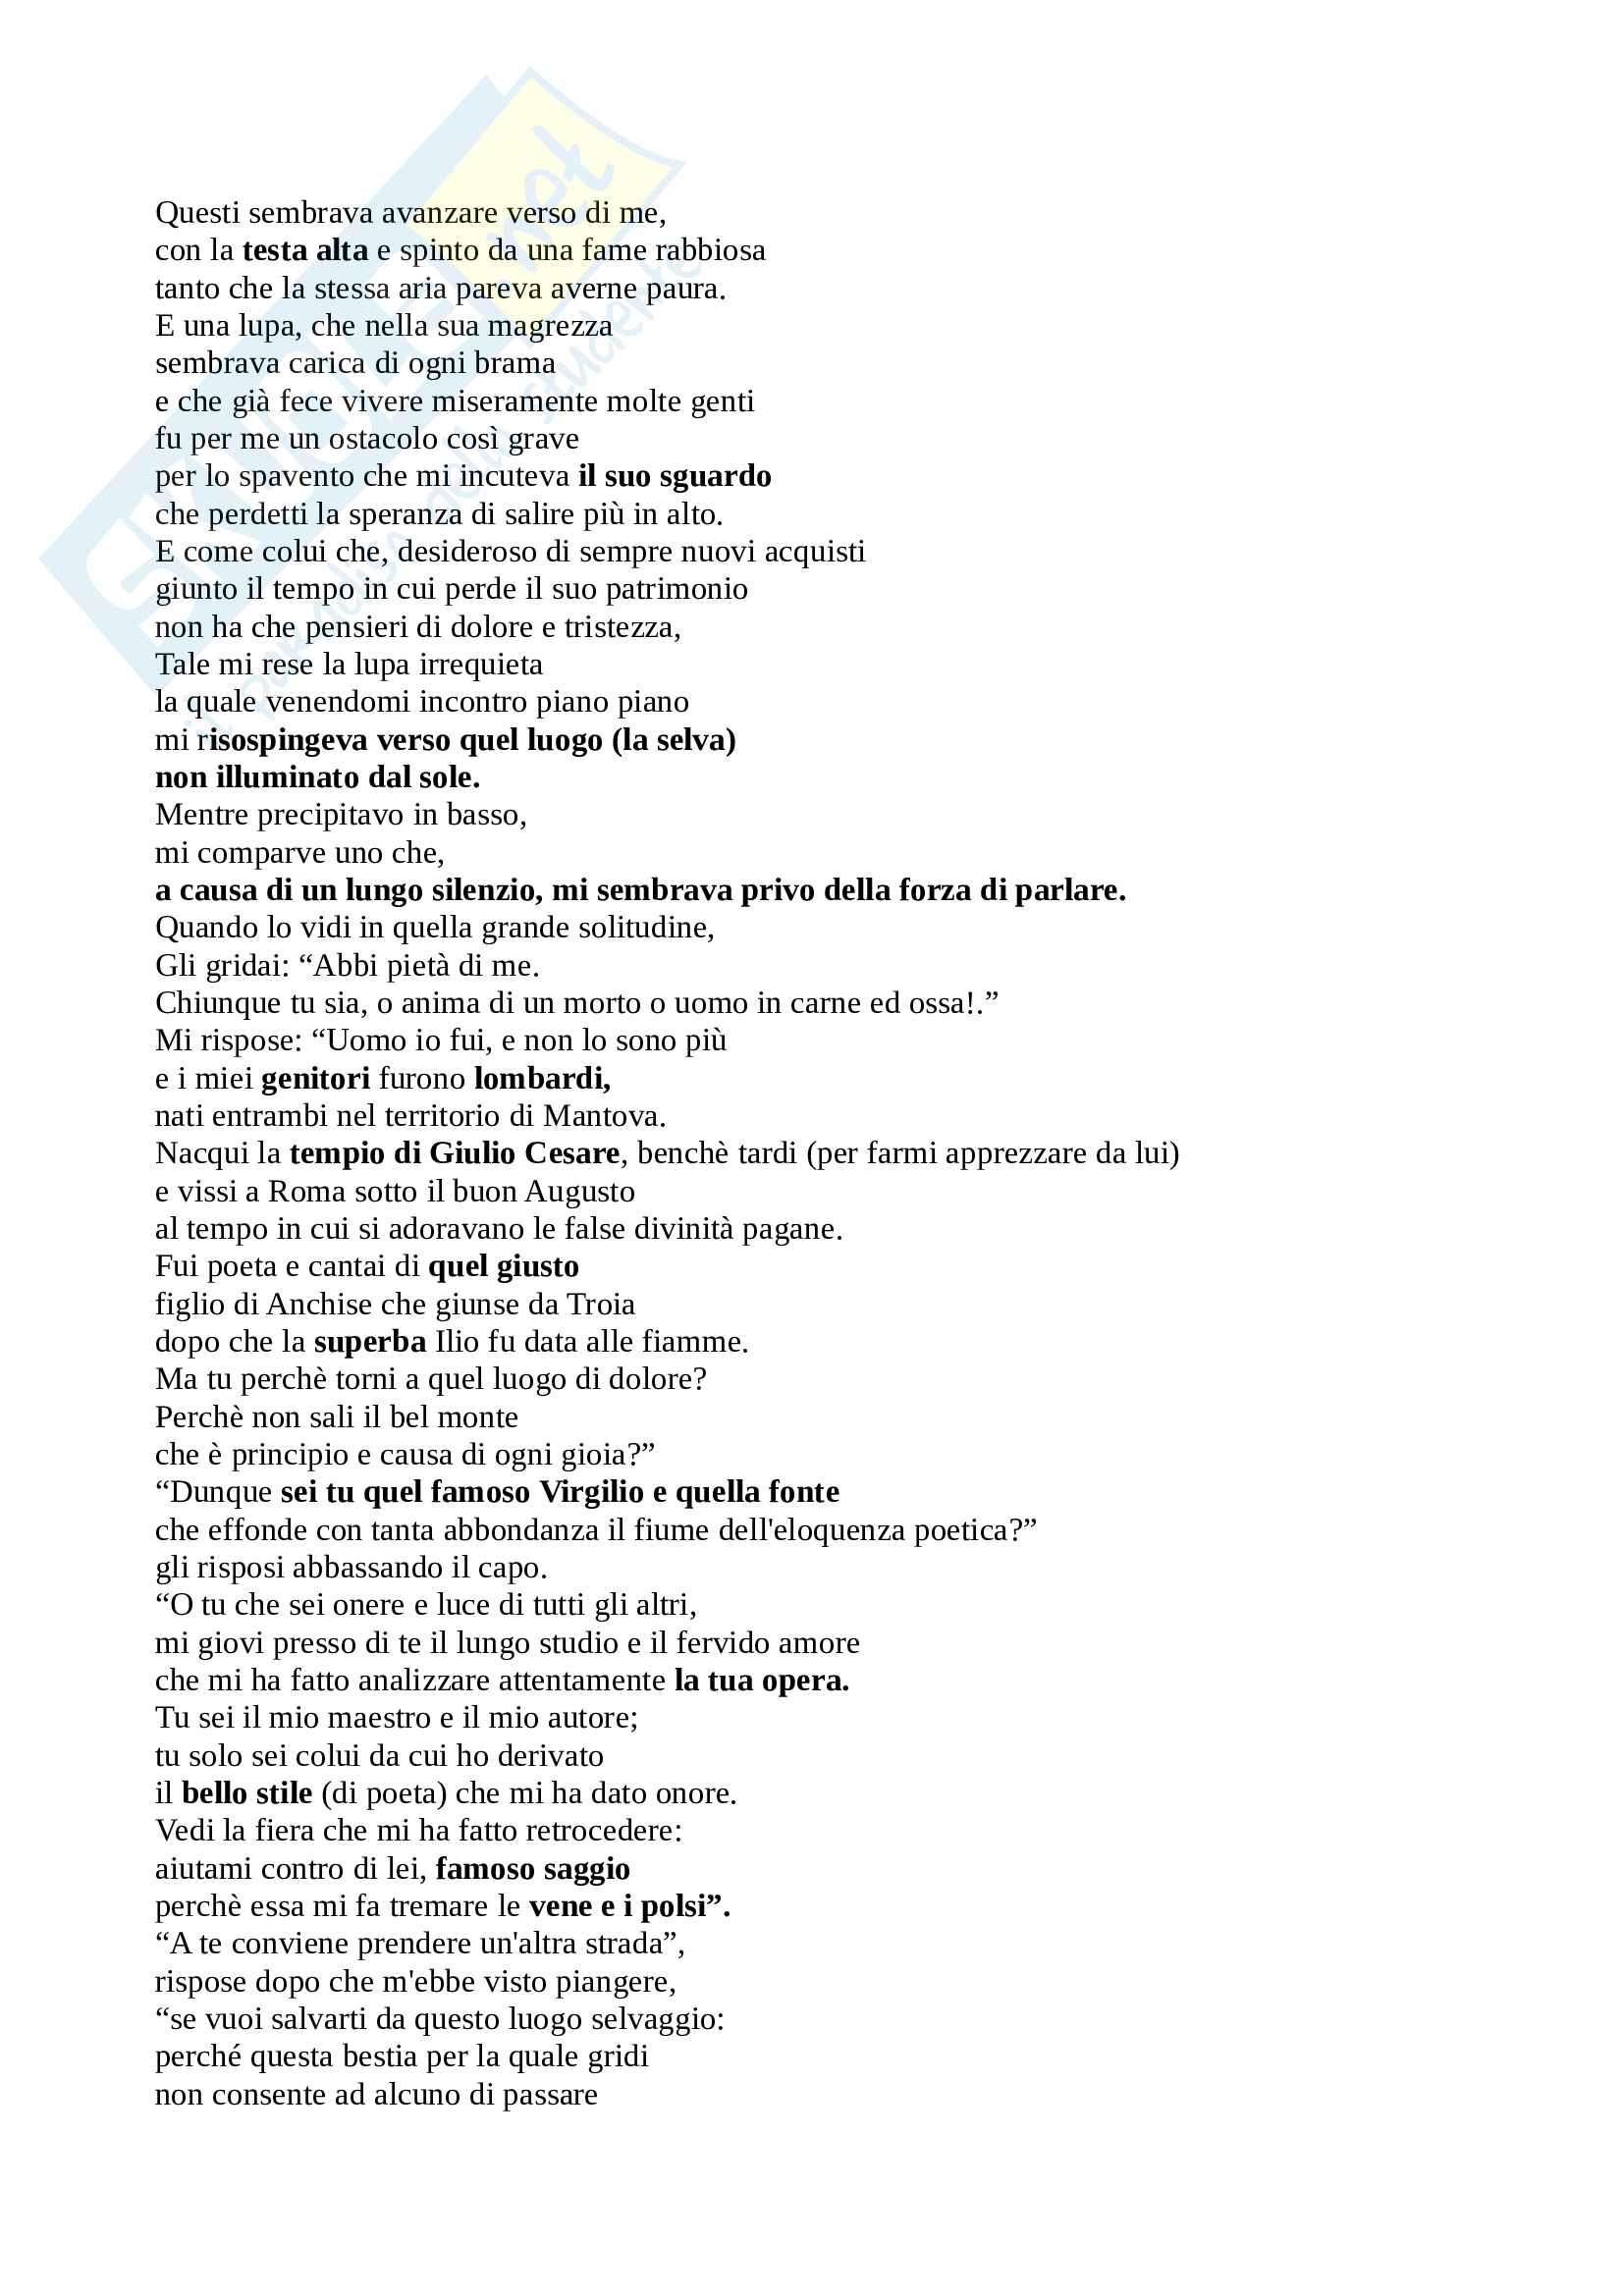 Parafrasi + Commento del I canto dell'inferno della Divina Commedia, per esame di Introduzione a Dante del docente Bellomo Saverio Pag. 2